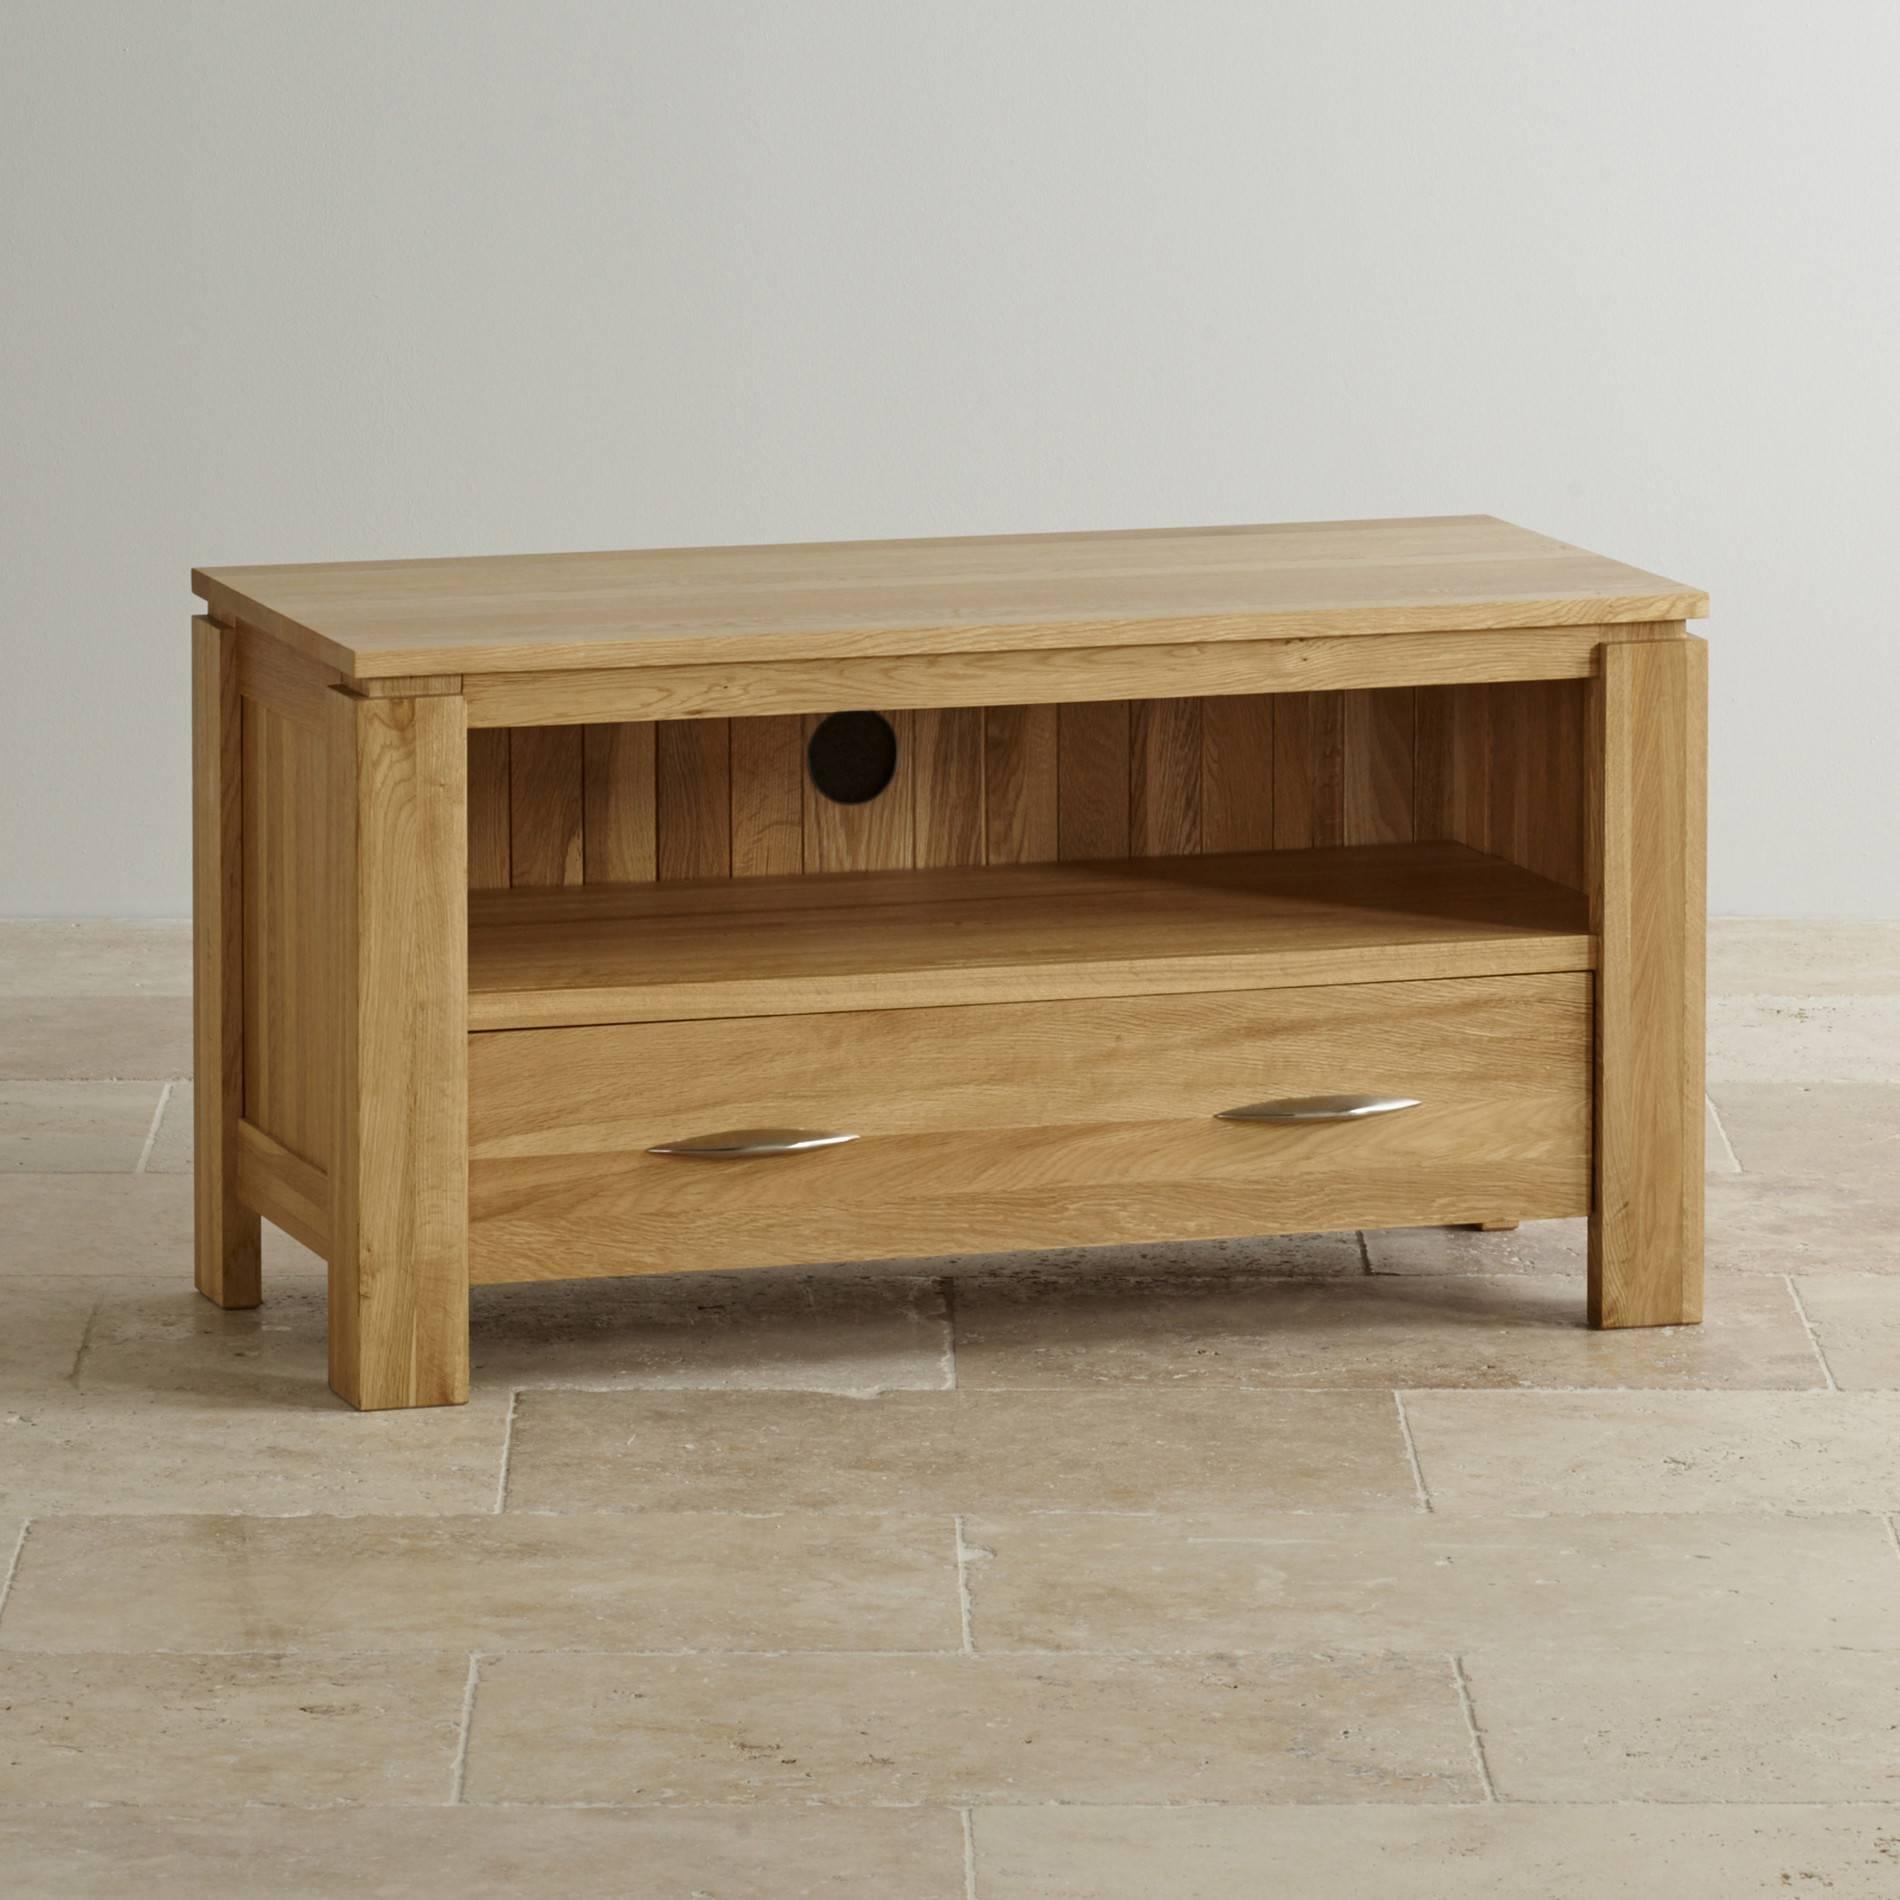 Galway Natural Solid Oak Tv + Dvd Stand | Living Room Furniture inside Corner Oak Tv Stands (Image 2 of 15)